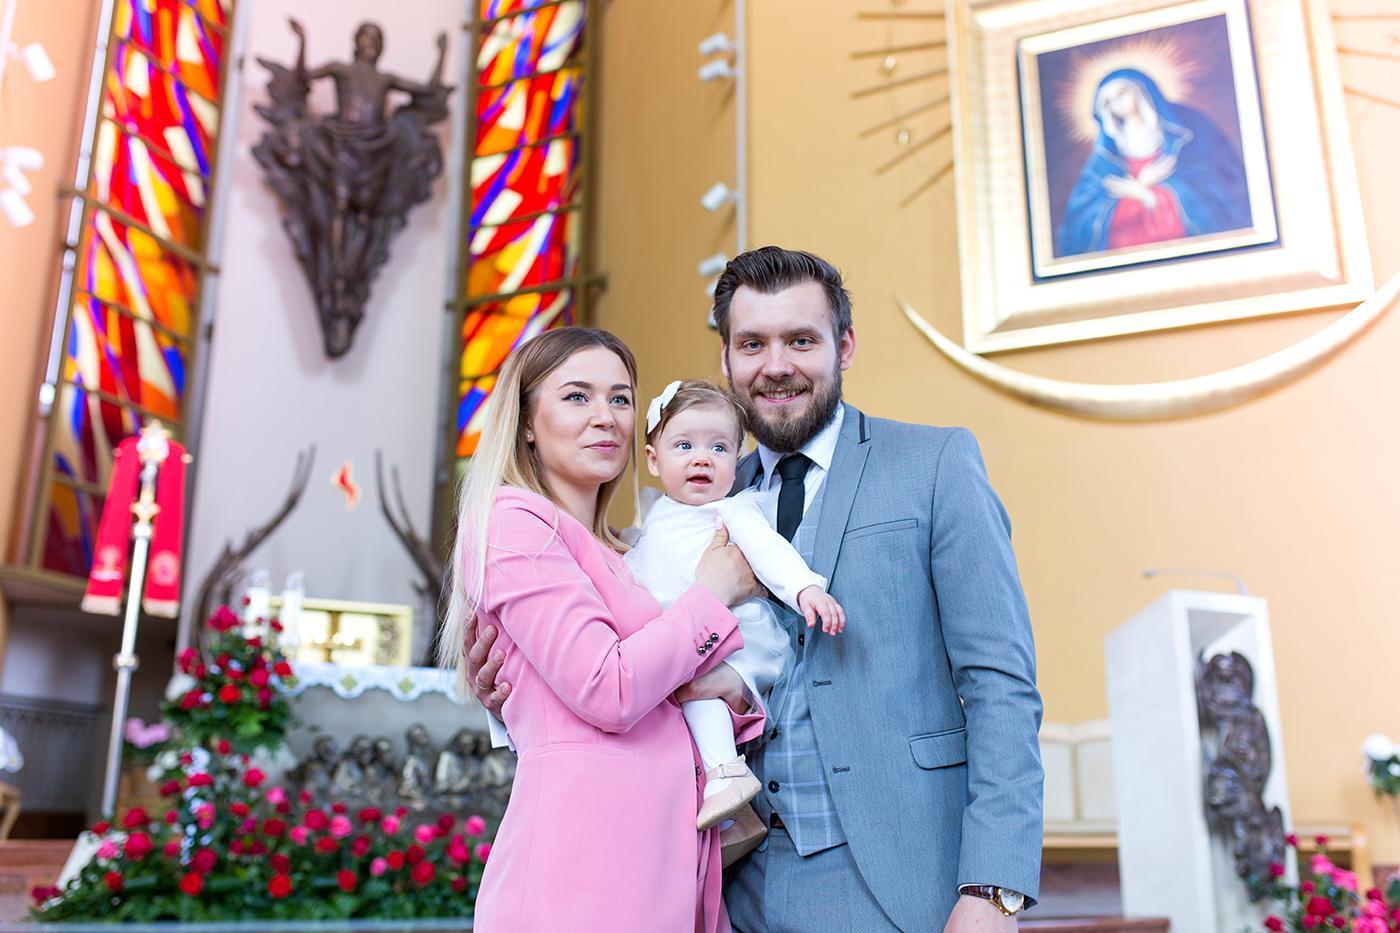 W piękny, słoneczny dzień miałam przyjemność uwiecznić na zdjęciach uroczystość Chrztu Świętego ślicznej Melanii. Chrzest odbył się w nowoczesnym kościele.